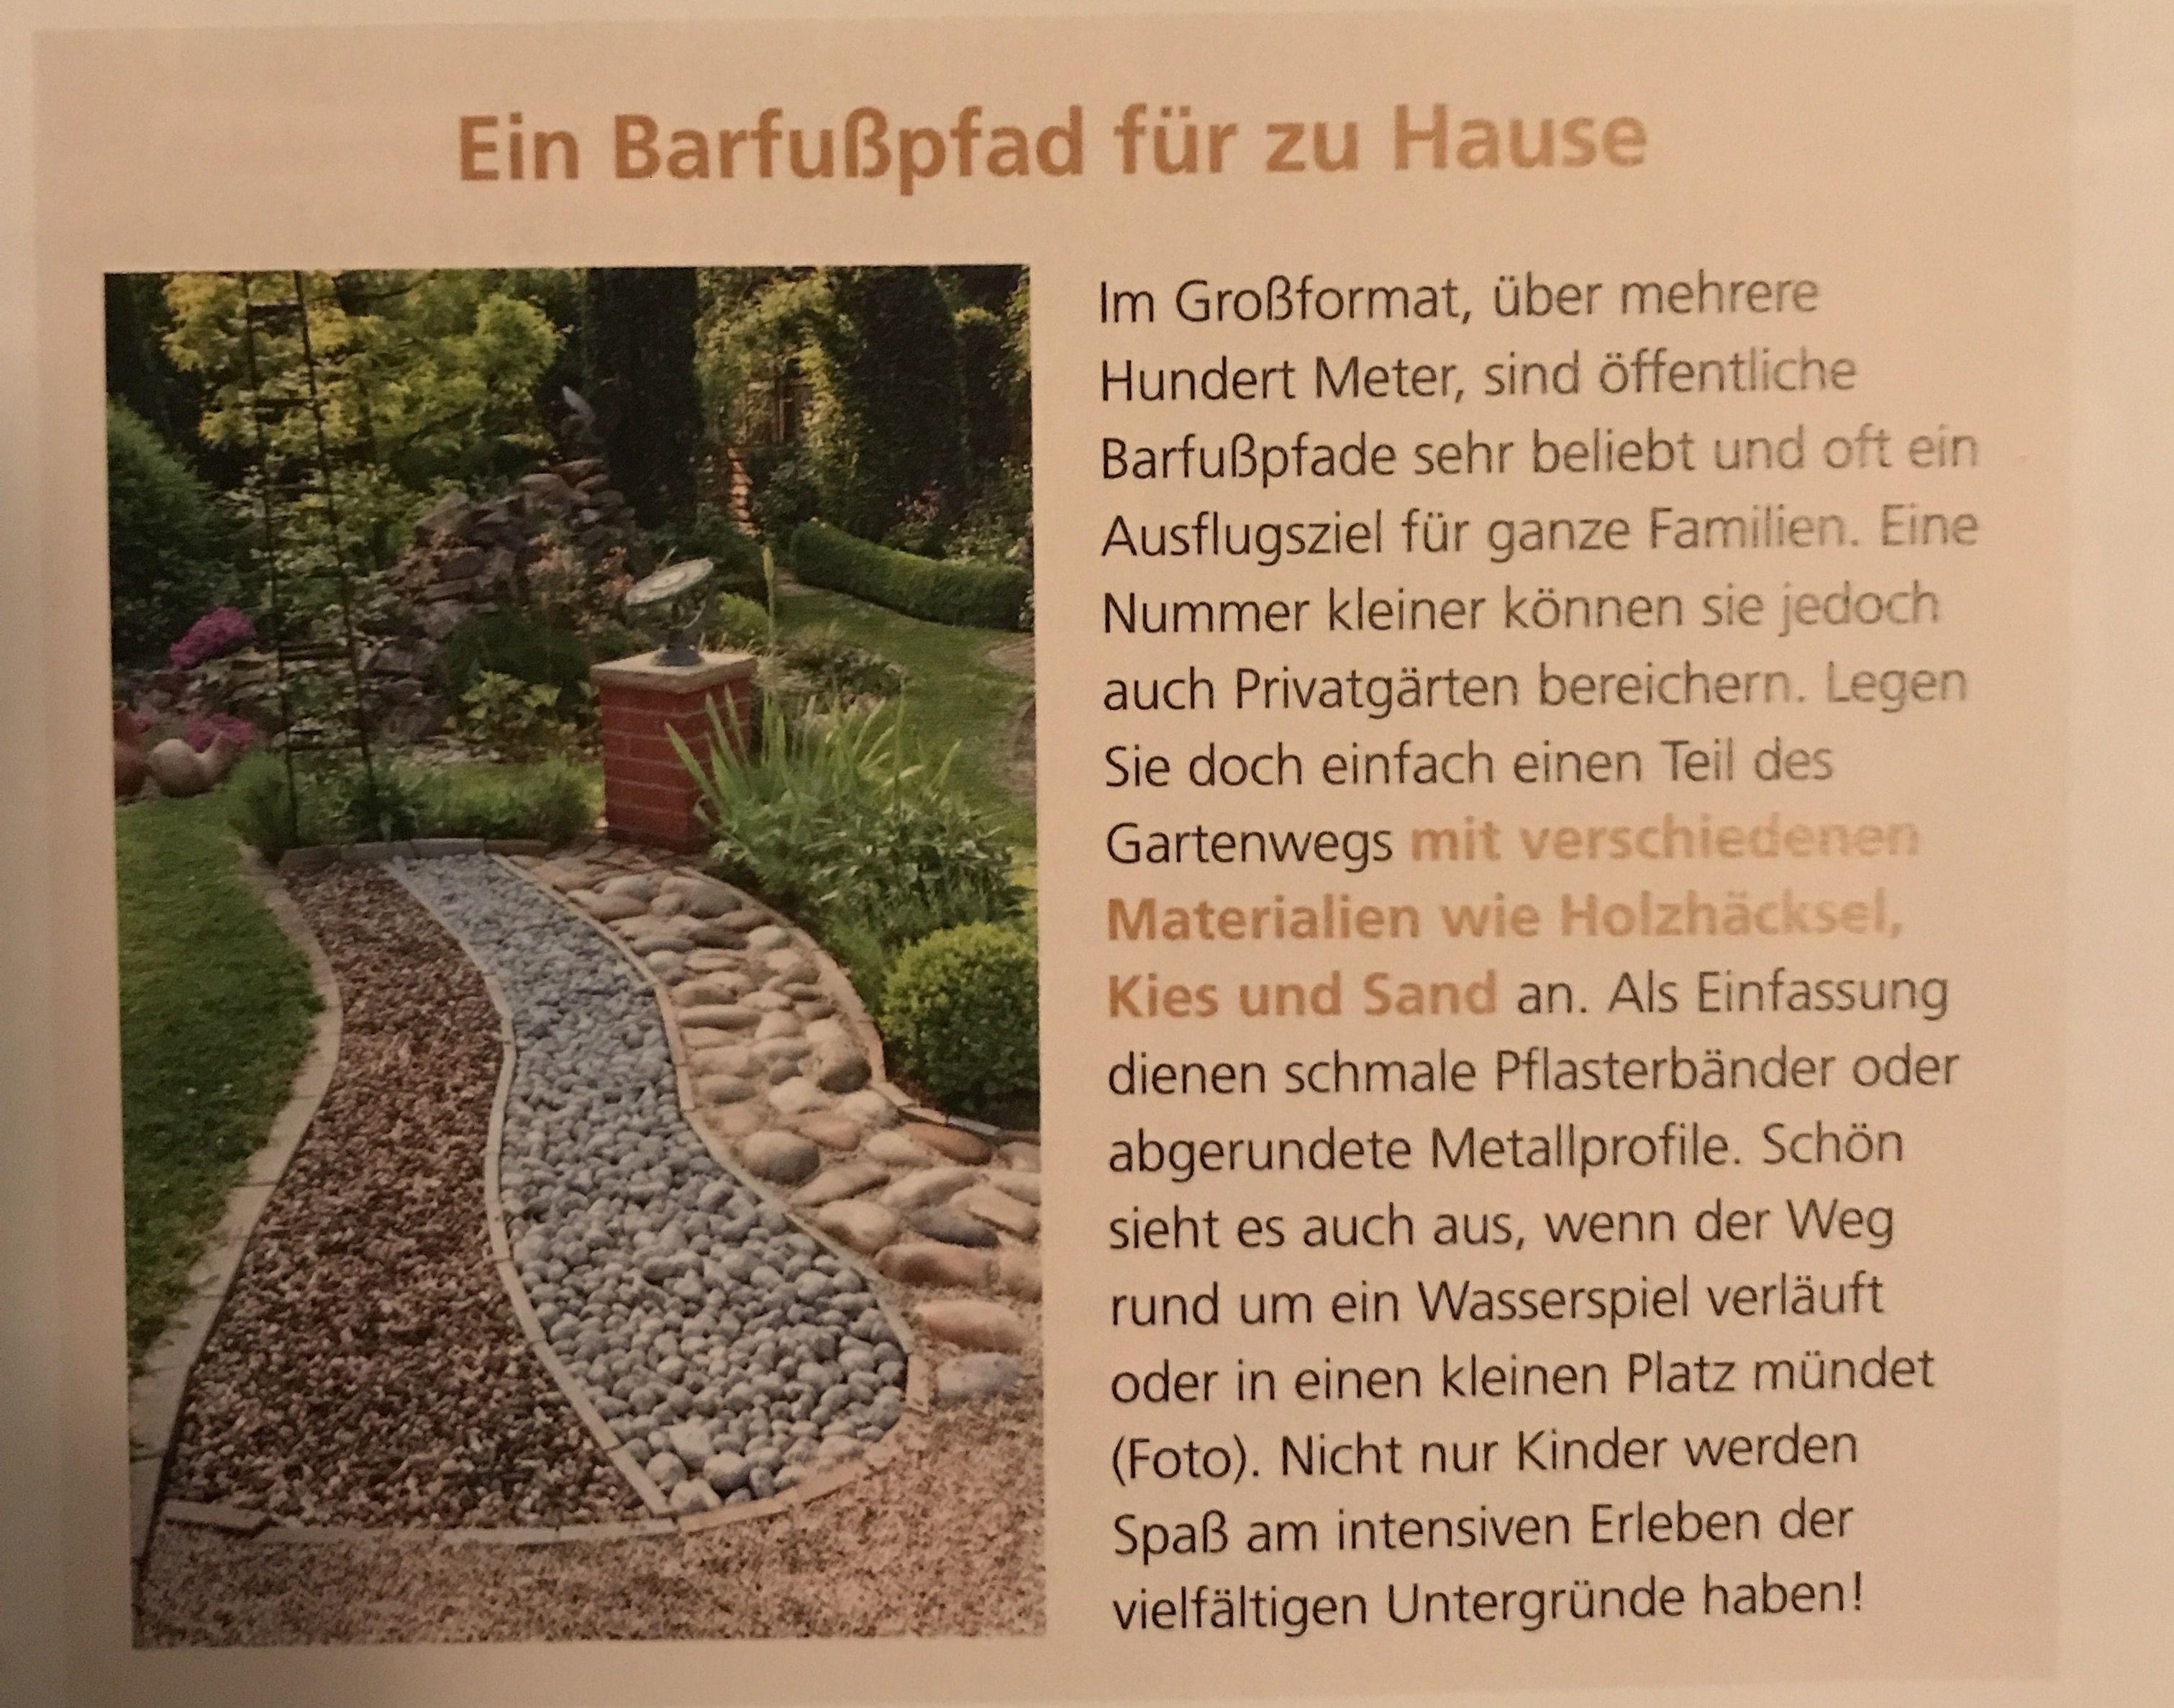 Coole Idee Ein Barfusspfad Fur Den Eigenen Garten Privatgarten Garten Pflanzen Garten